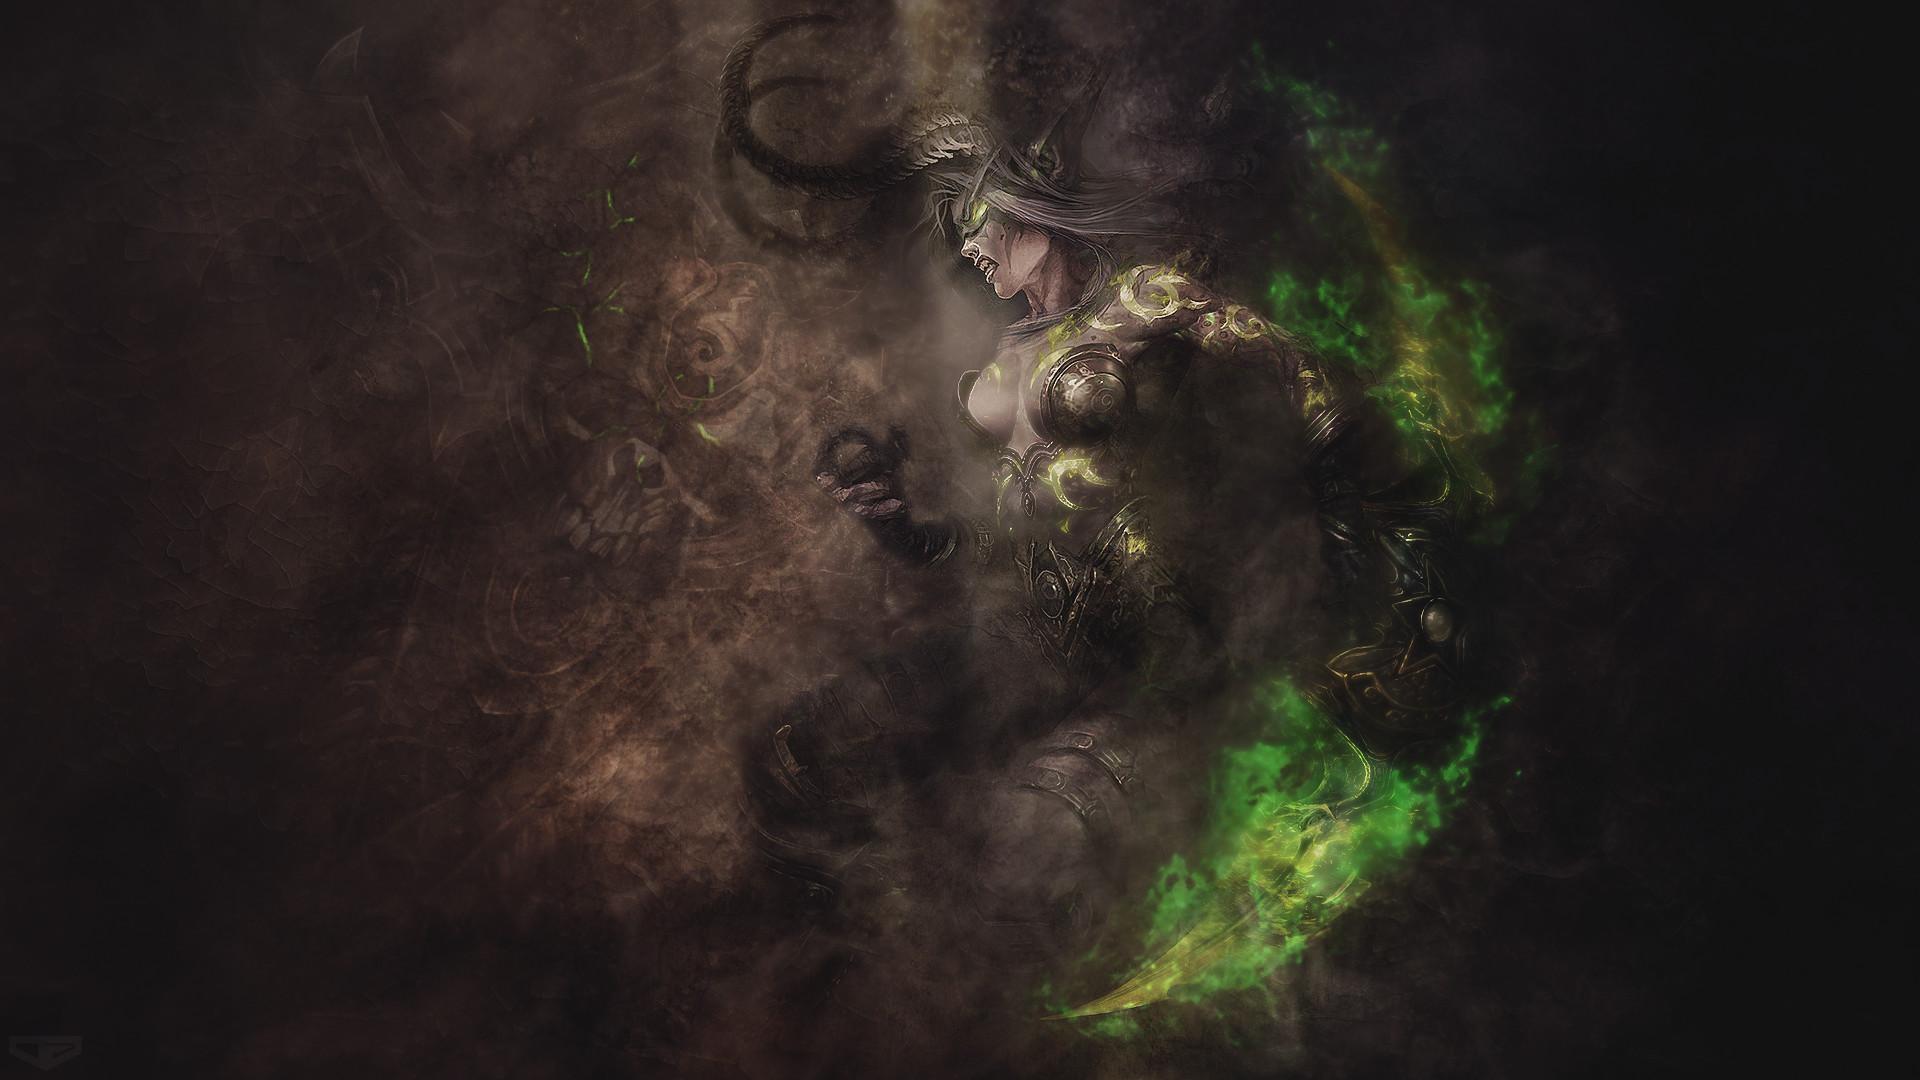 … Wallpaper: WoW – Demon Hunter by Darkgargos